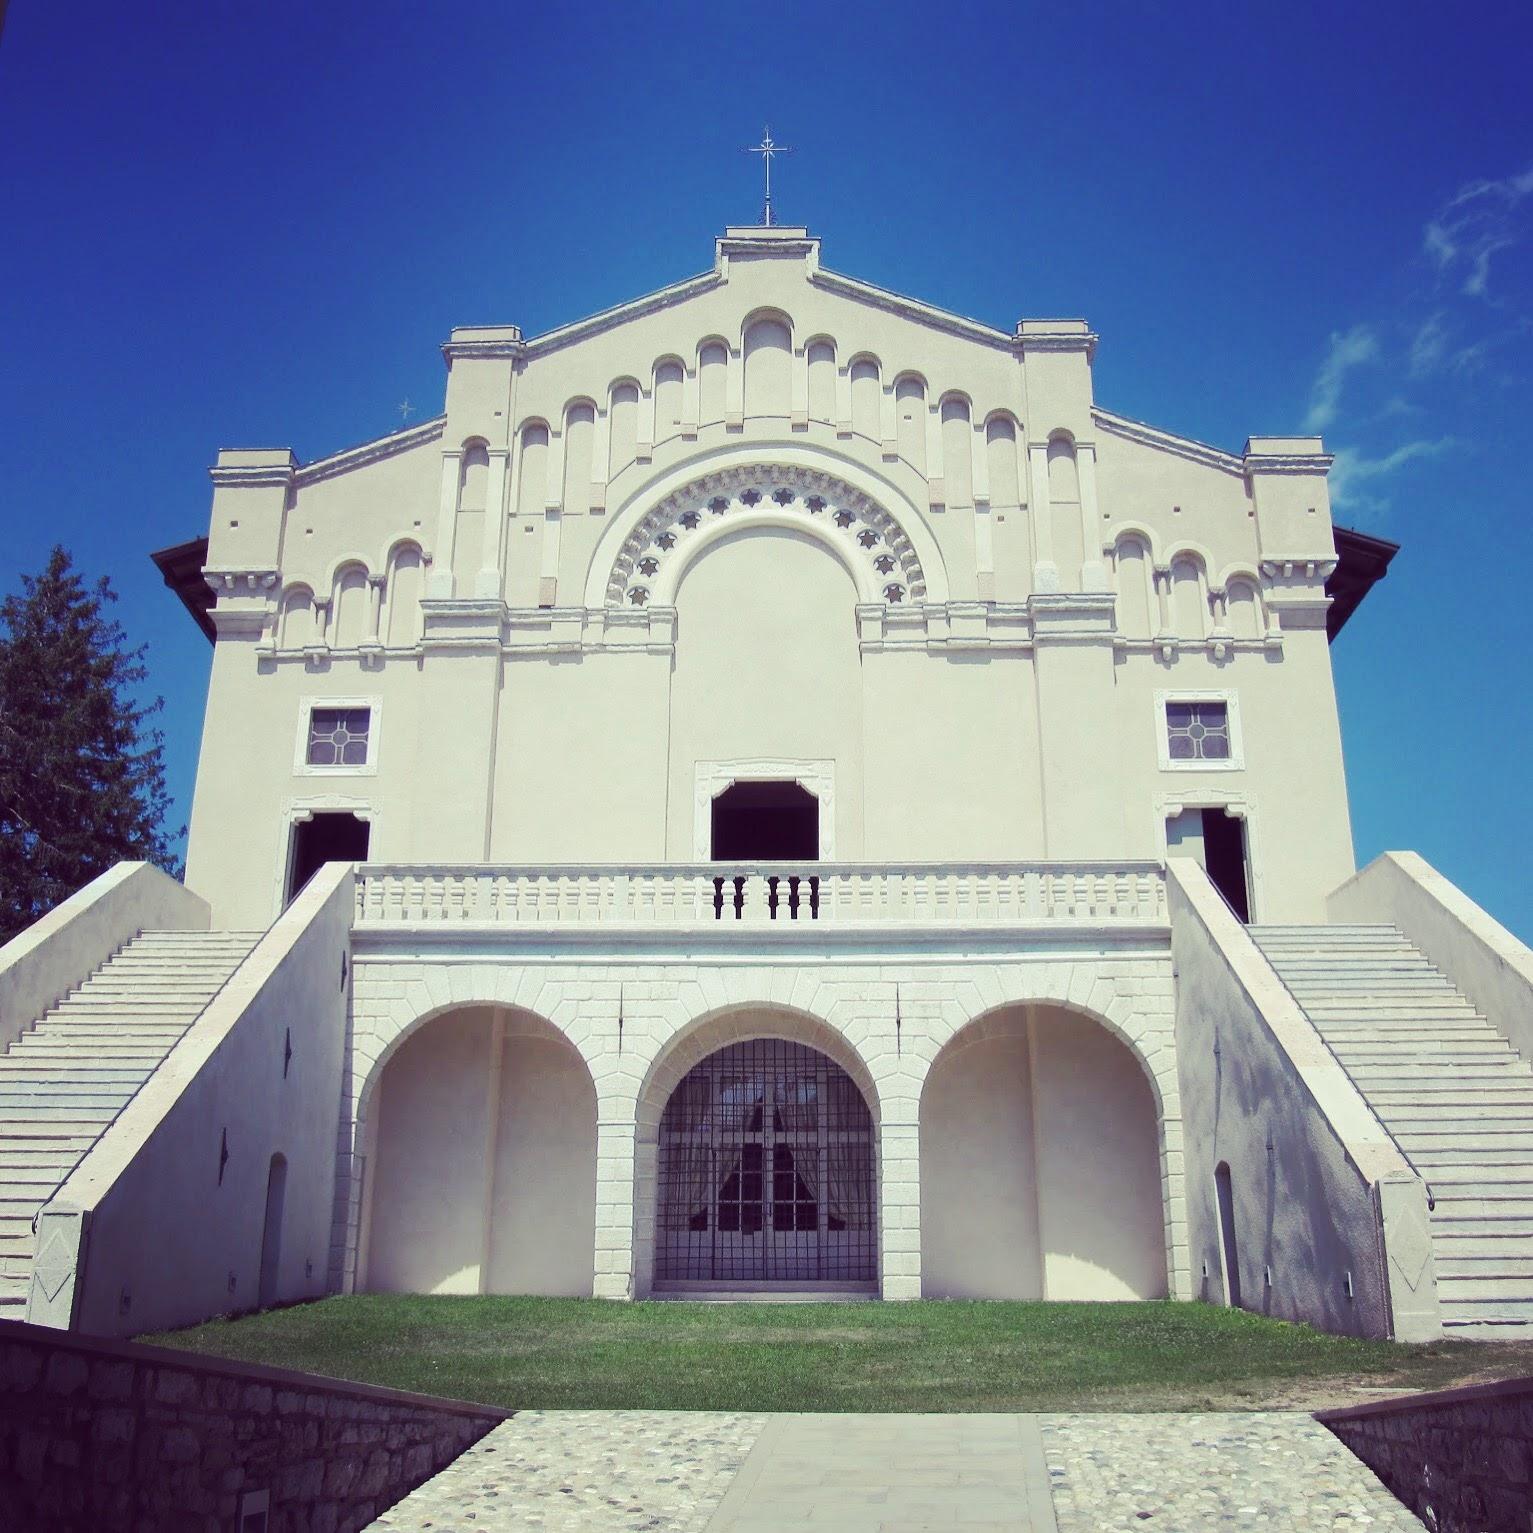 santuario di montecastello in Tignale